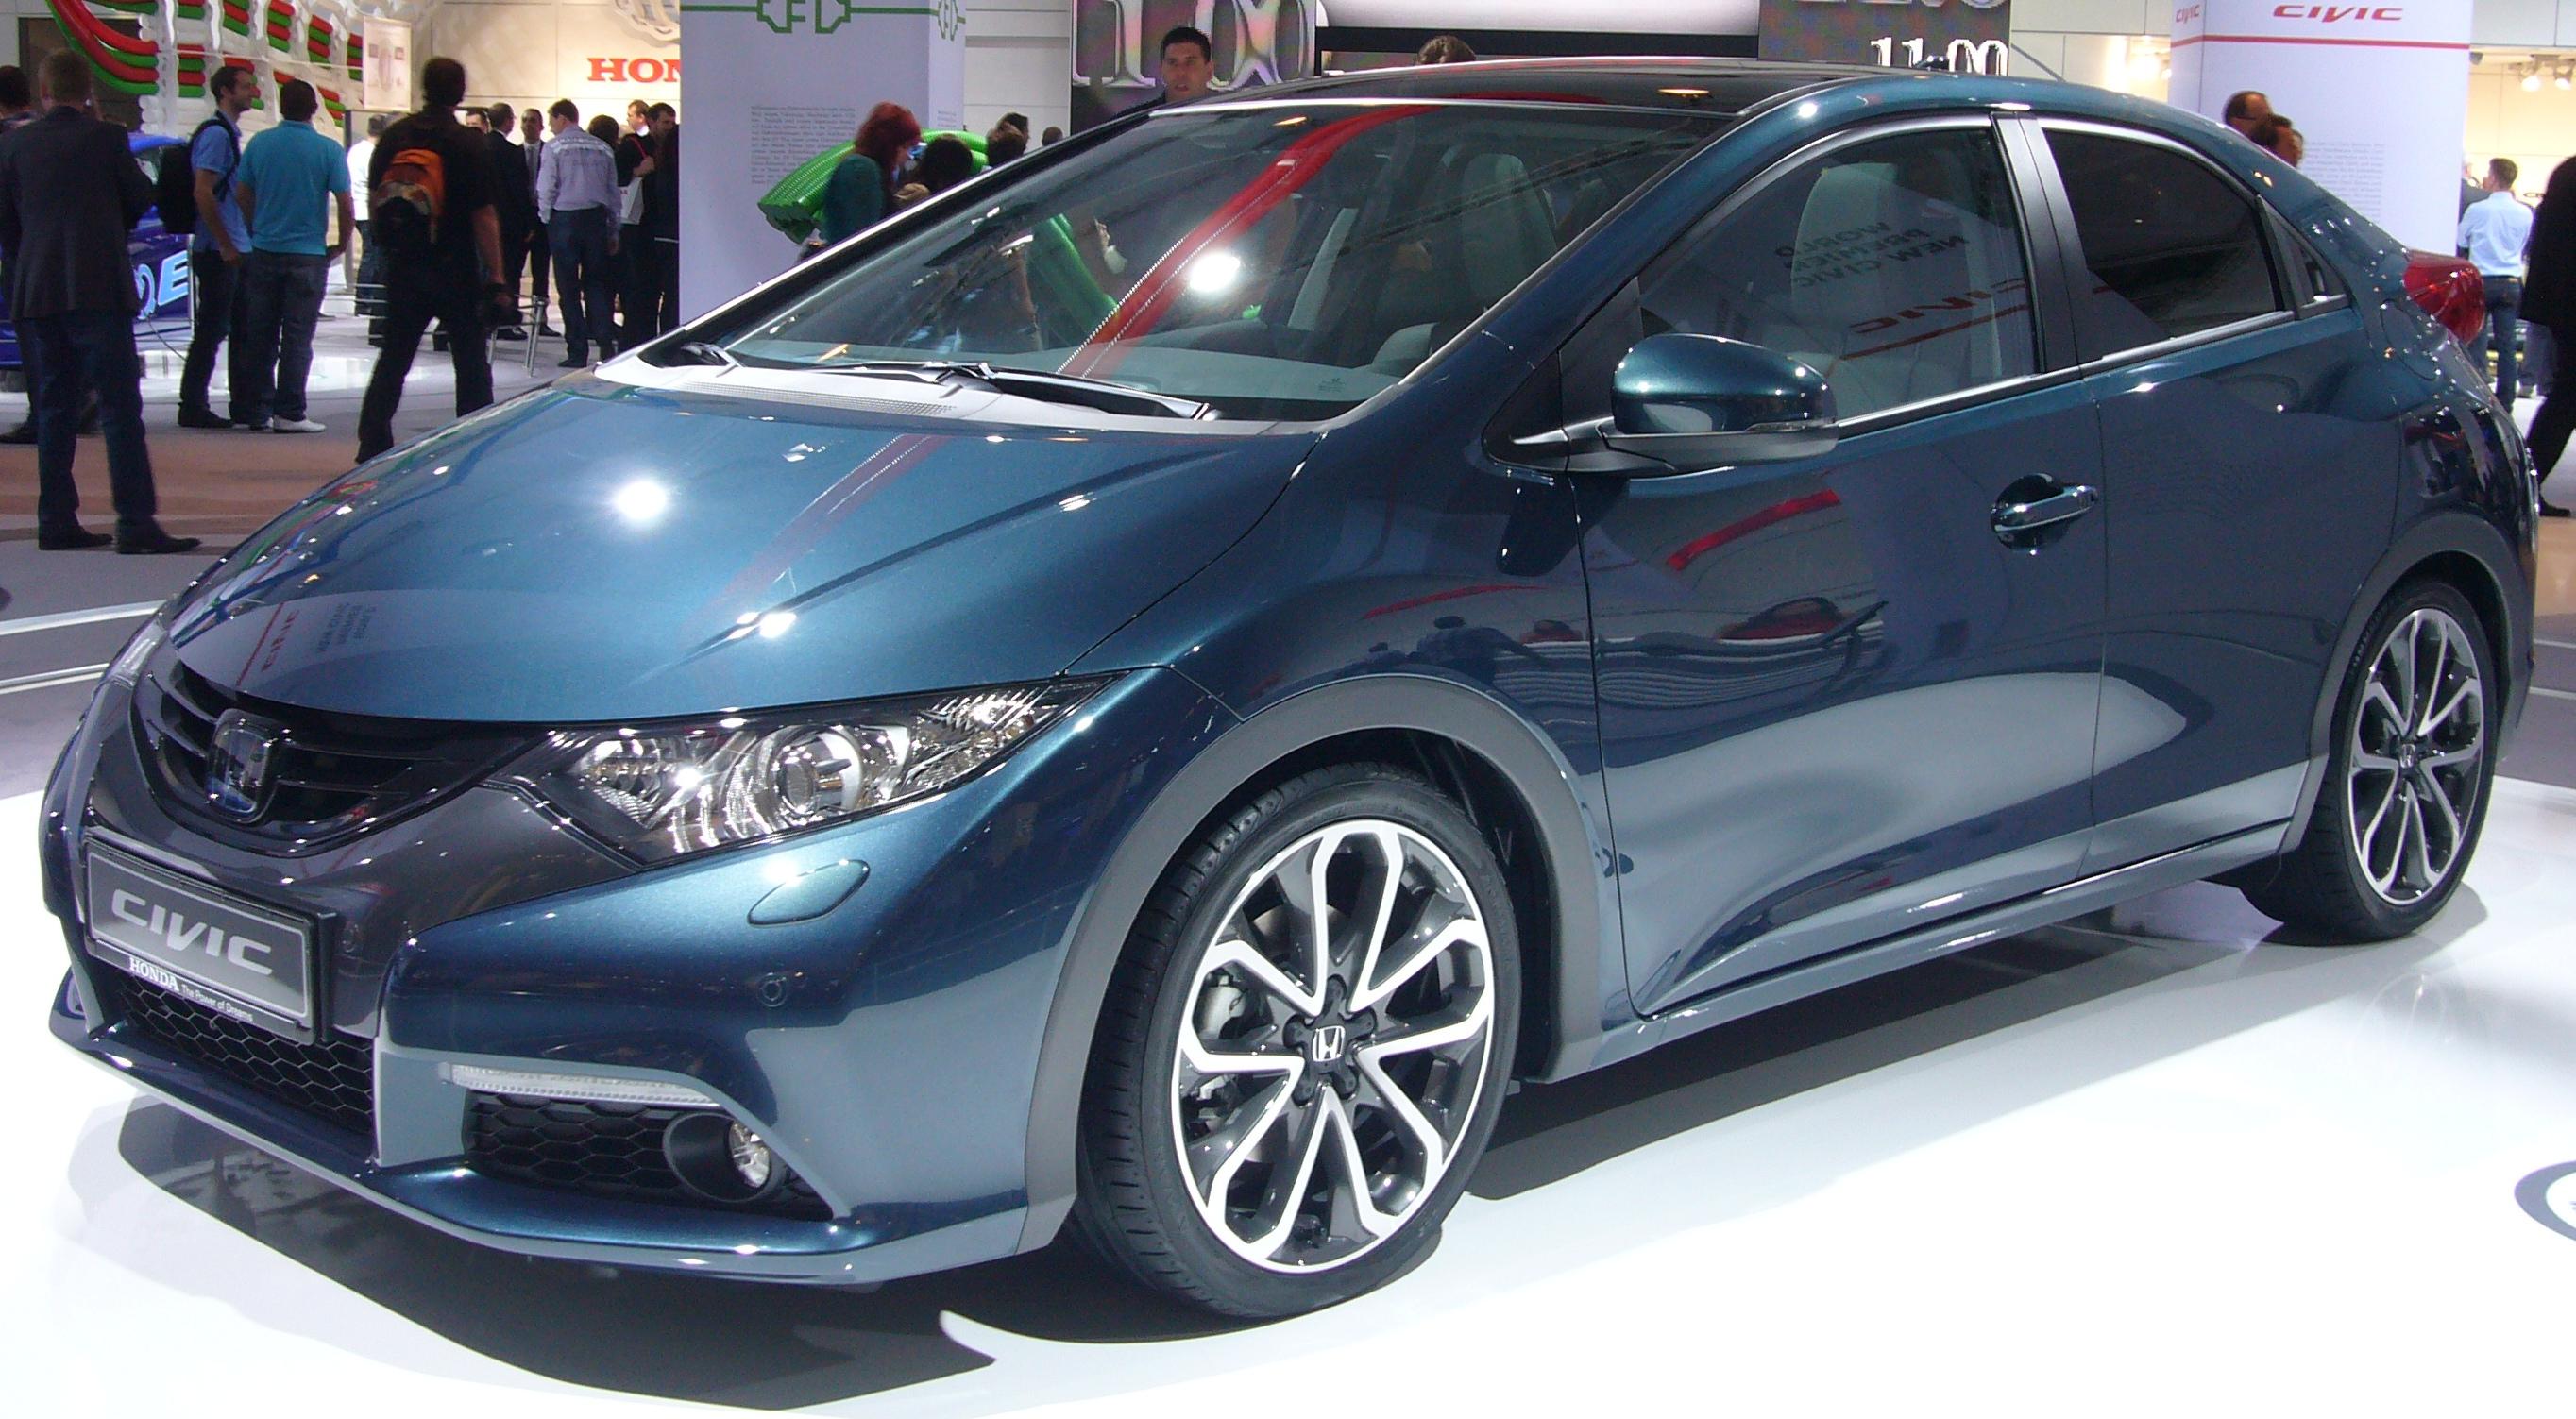 Mahindra Sedan Cars Price